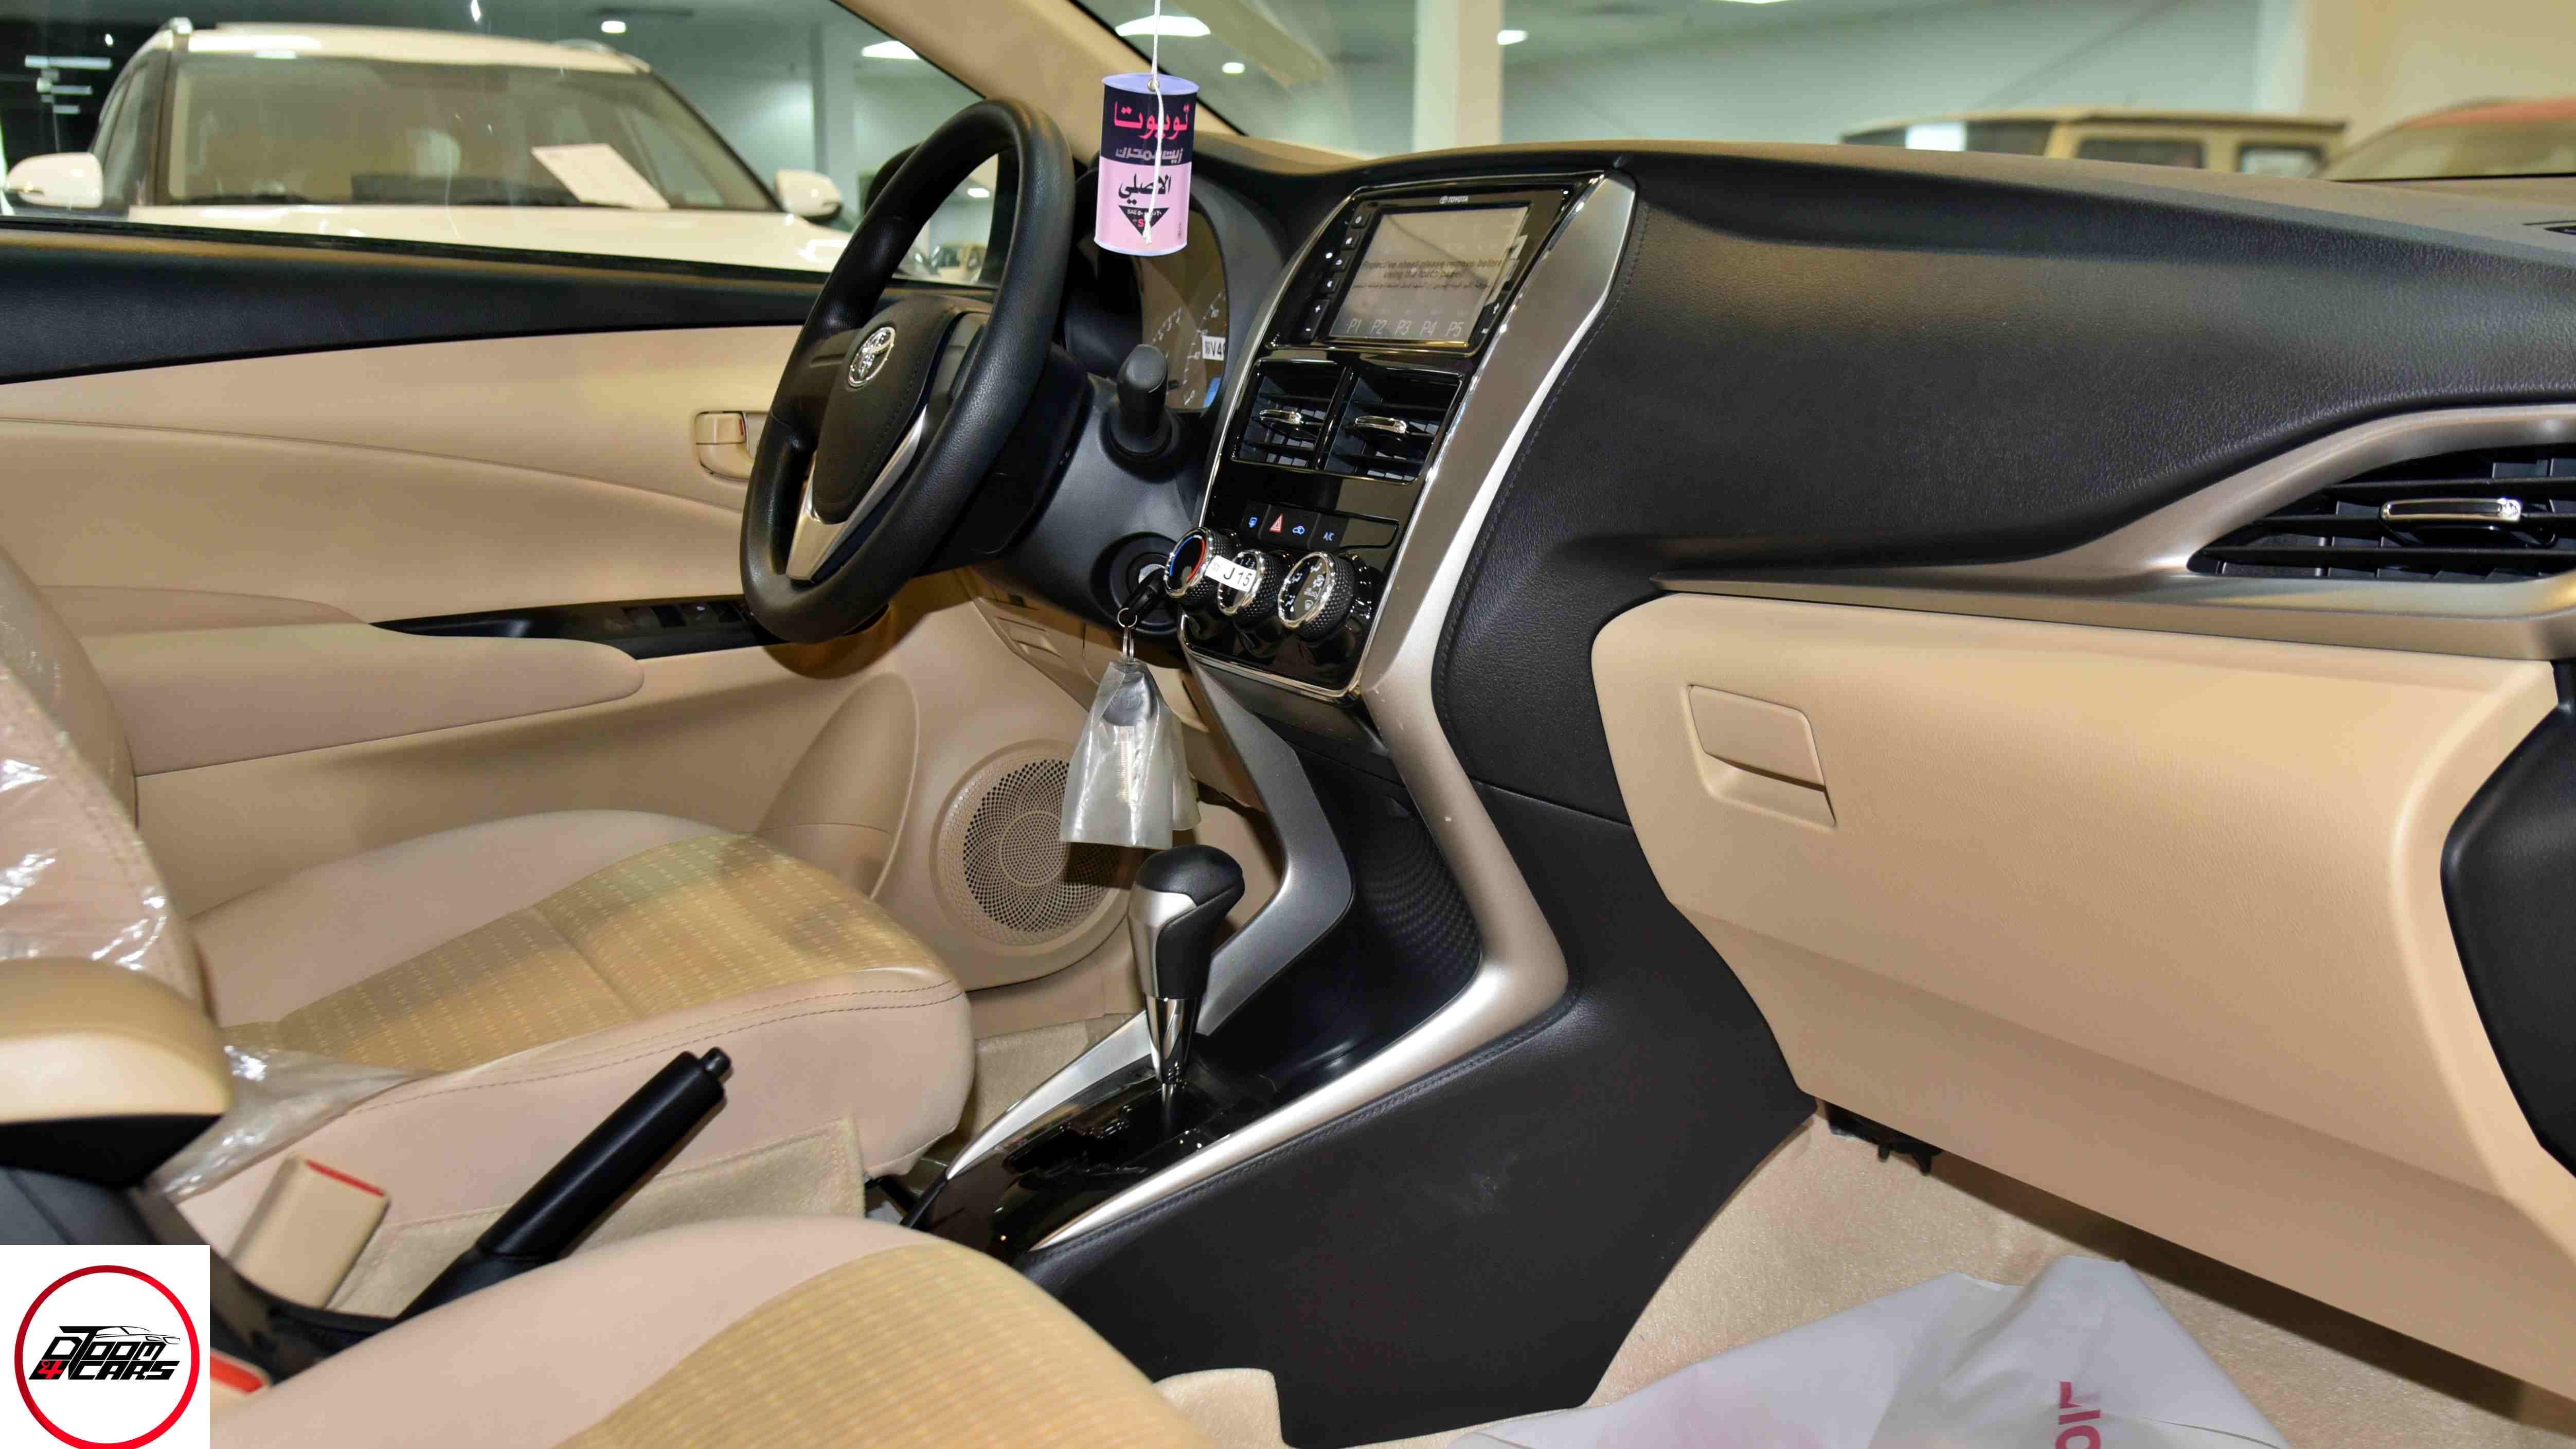 تويوتا يارس 2020 جنوط  Y PLUS  سعودي جديد  للبيع في الرياض - السعودية - صورة كبيرة - 6